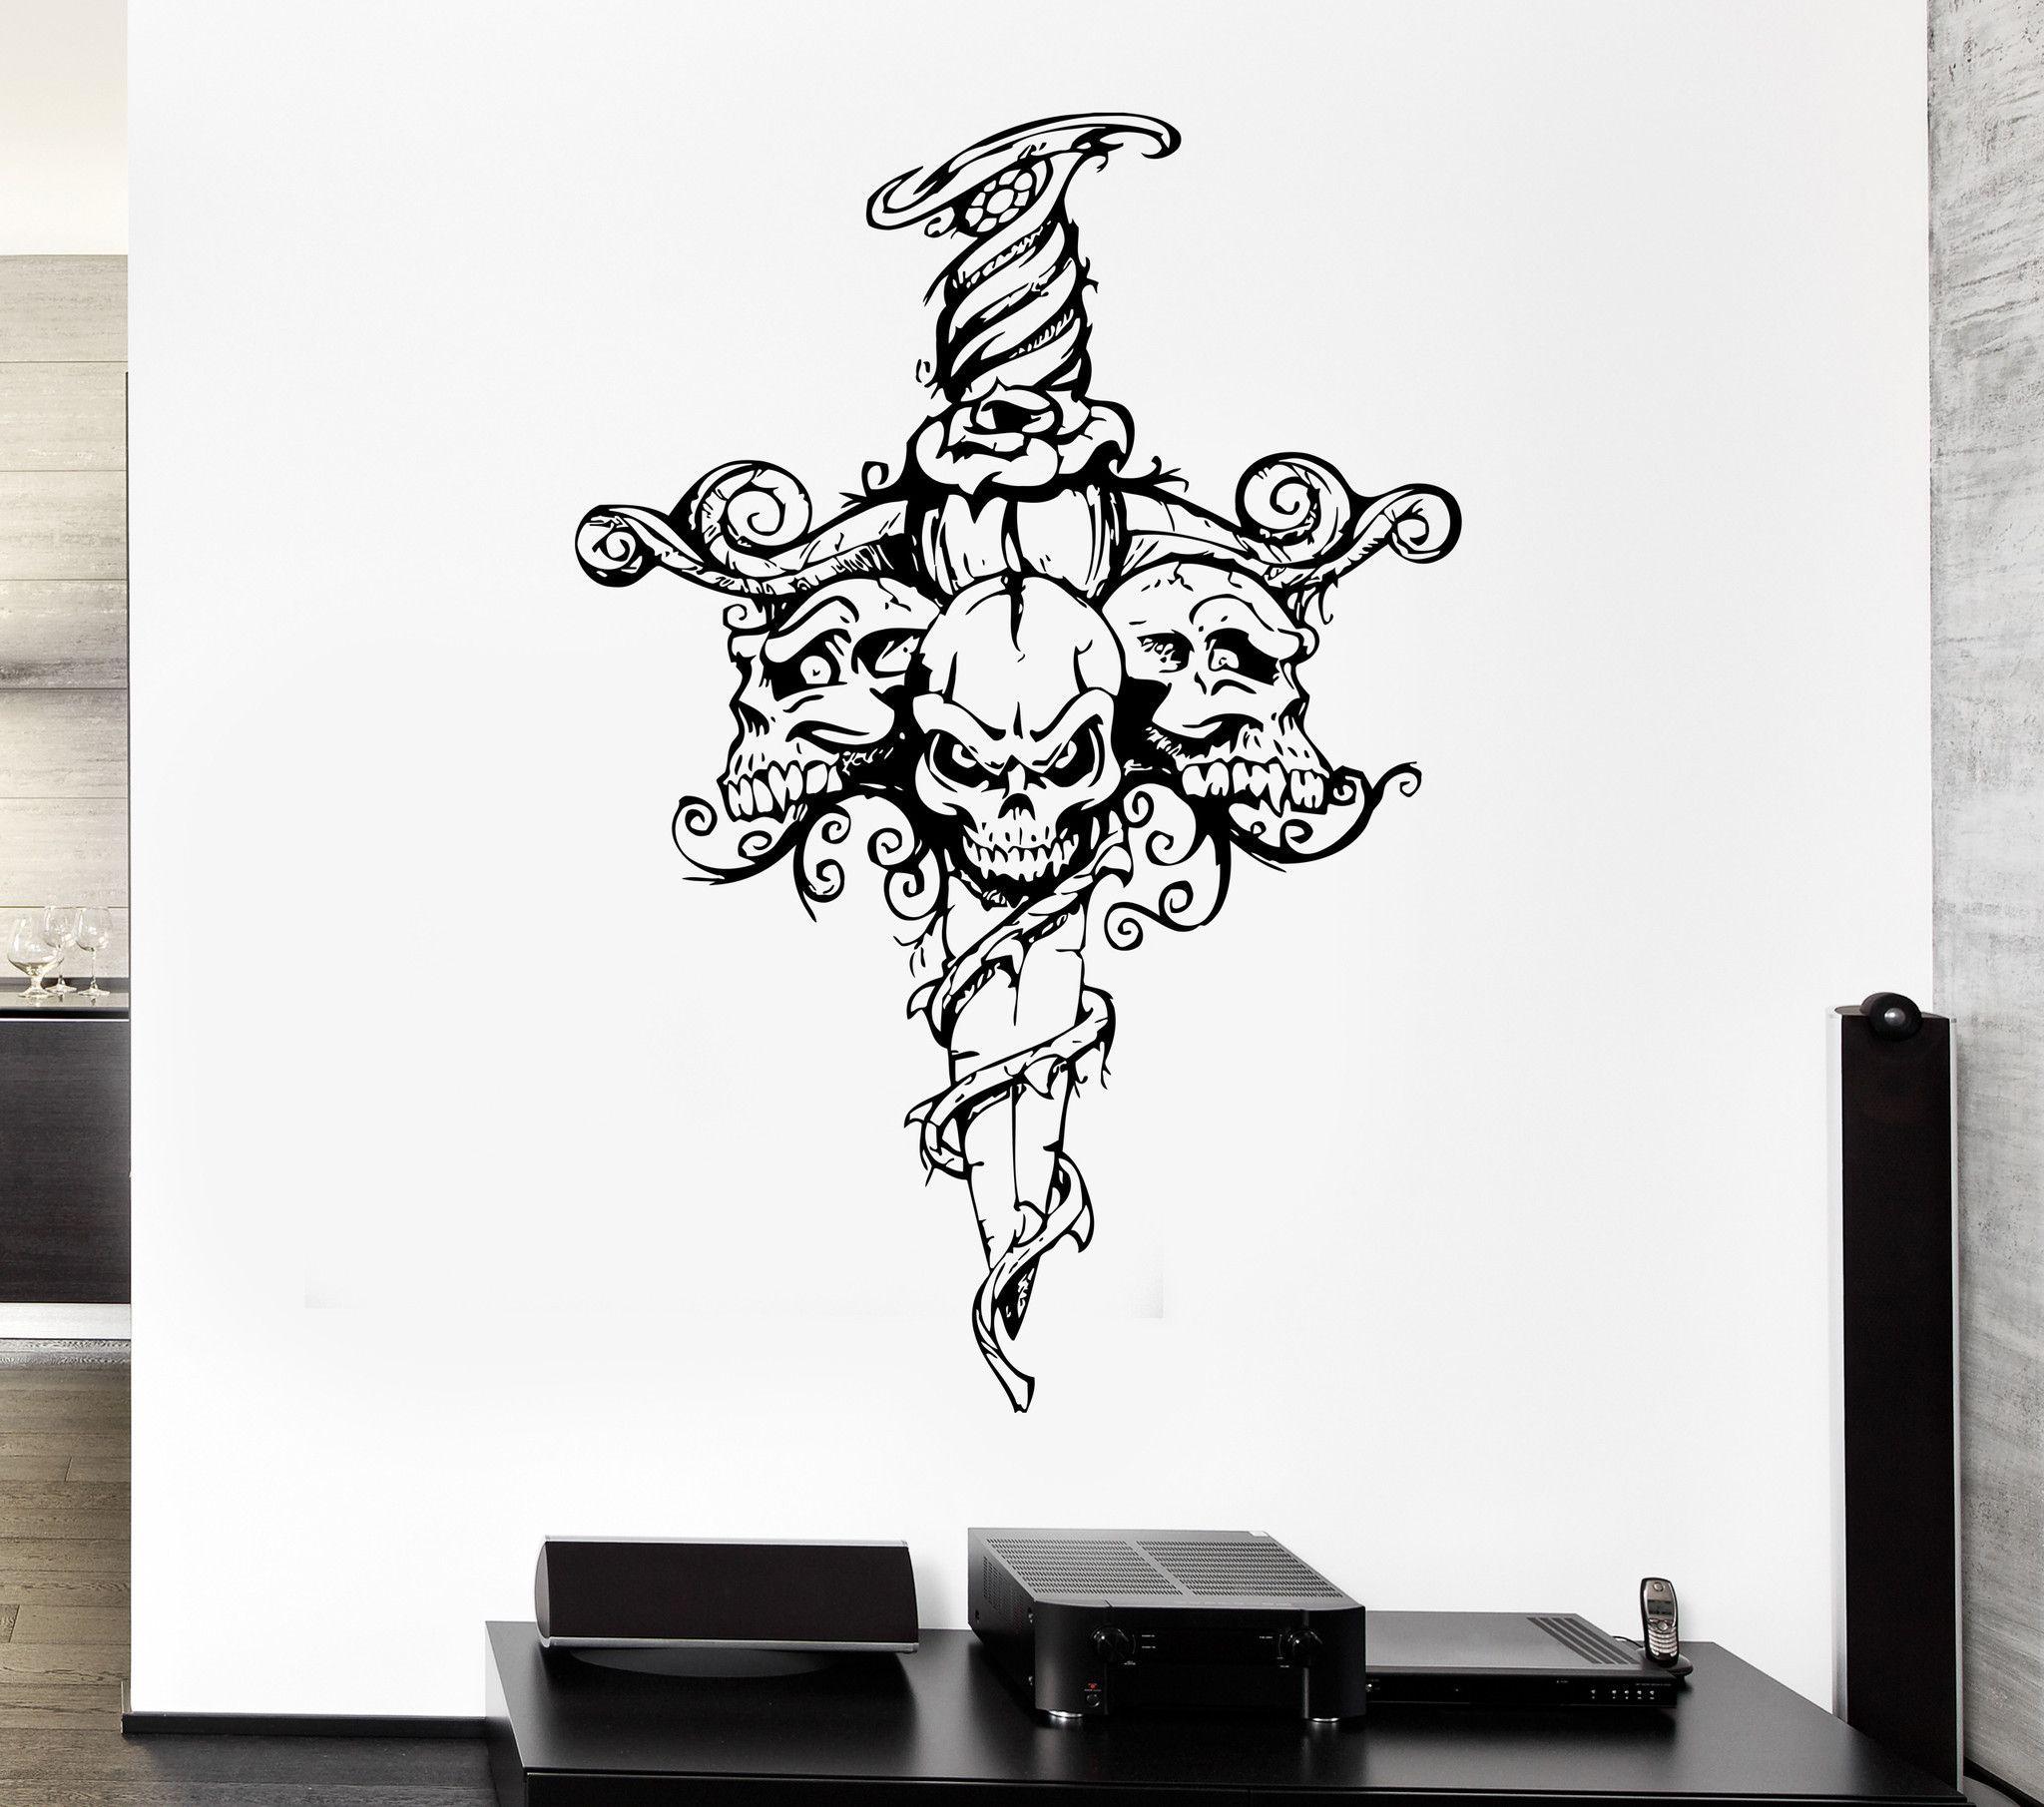 Wall Decal Skull Skeleton Sword Poison Ivy Flower Monster Vinyl ...